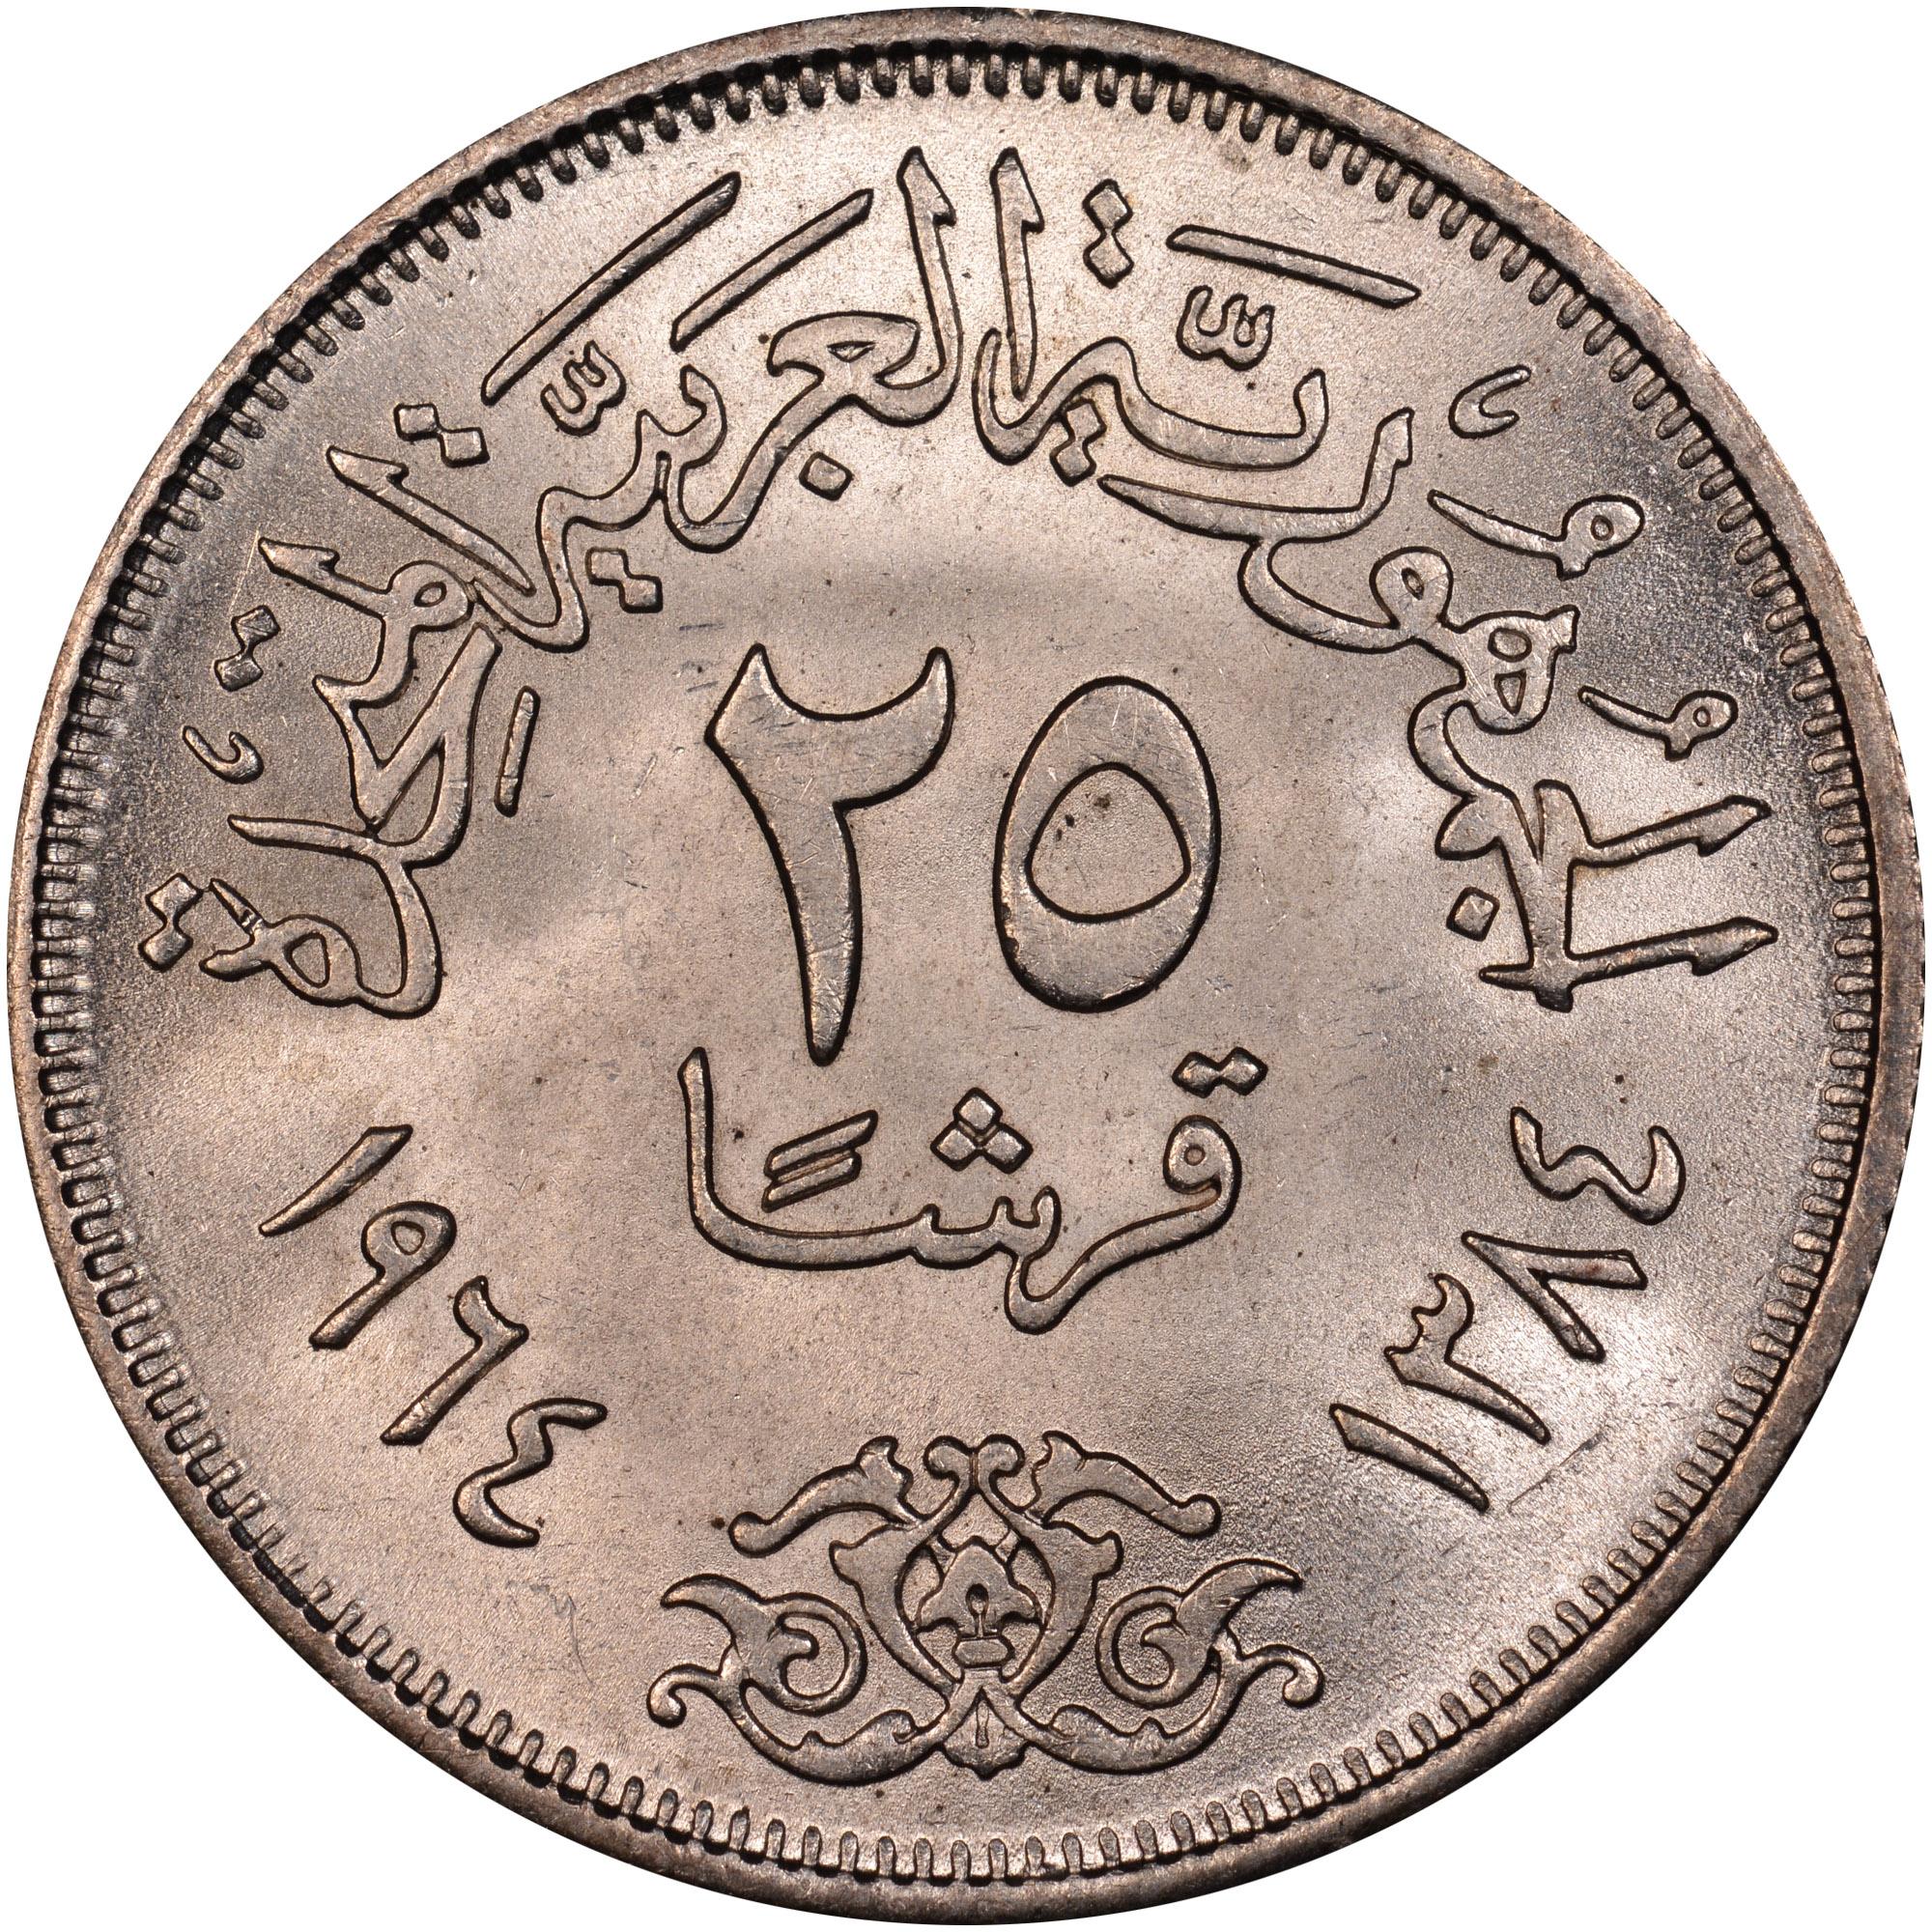 Egypt 25 Piastres obverse